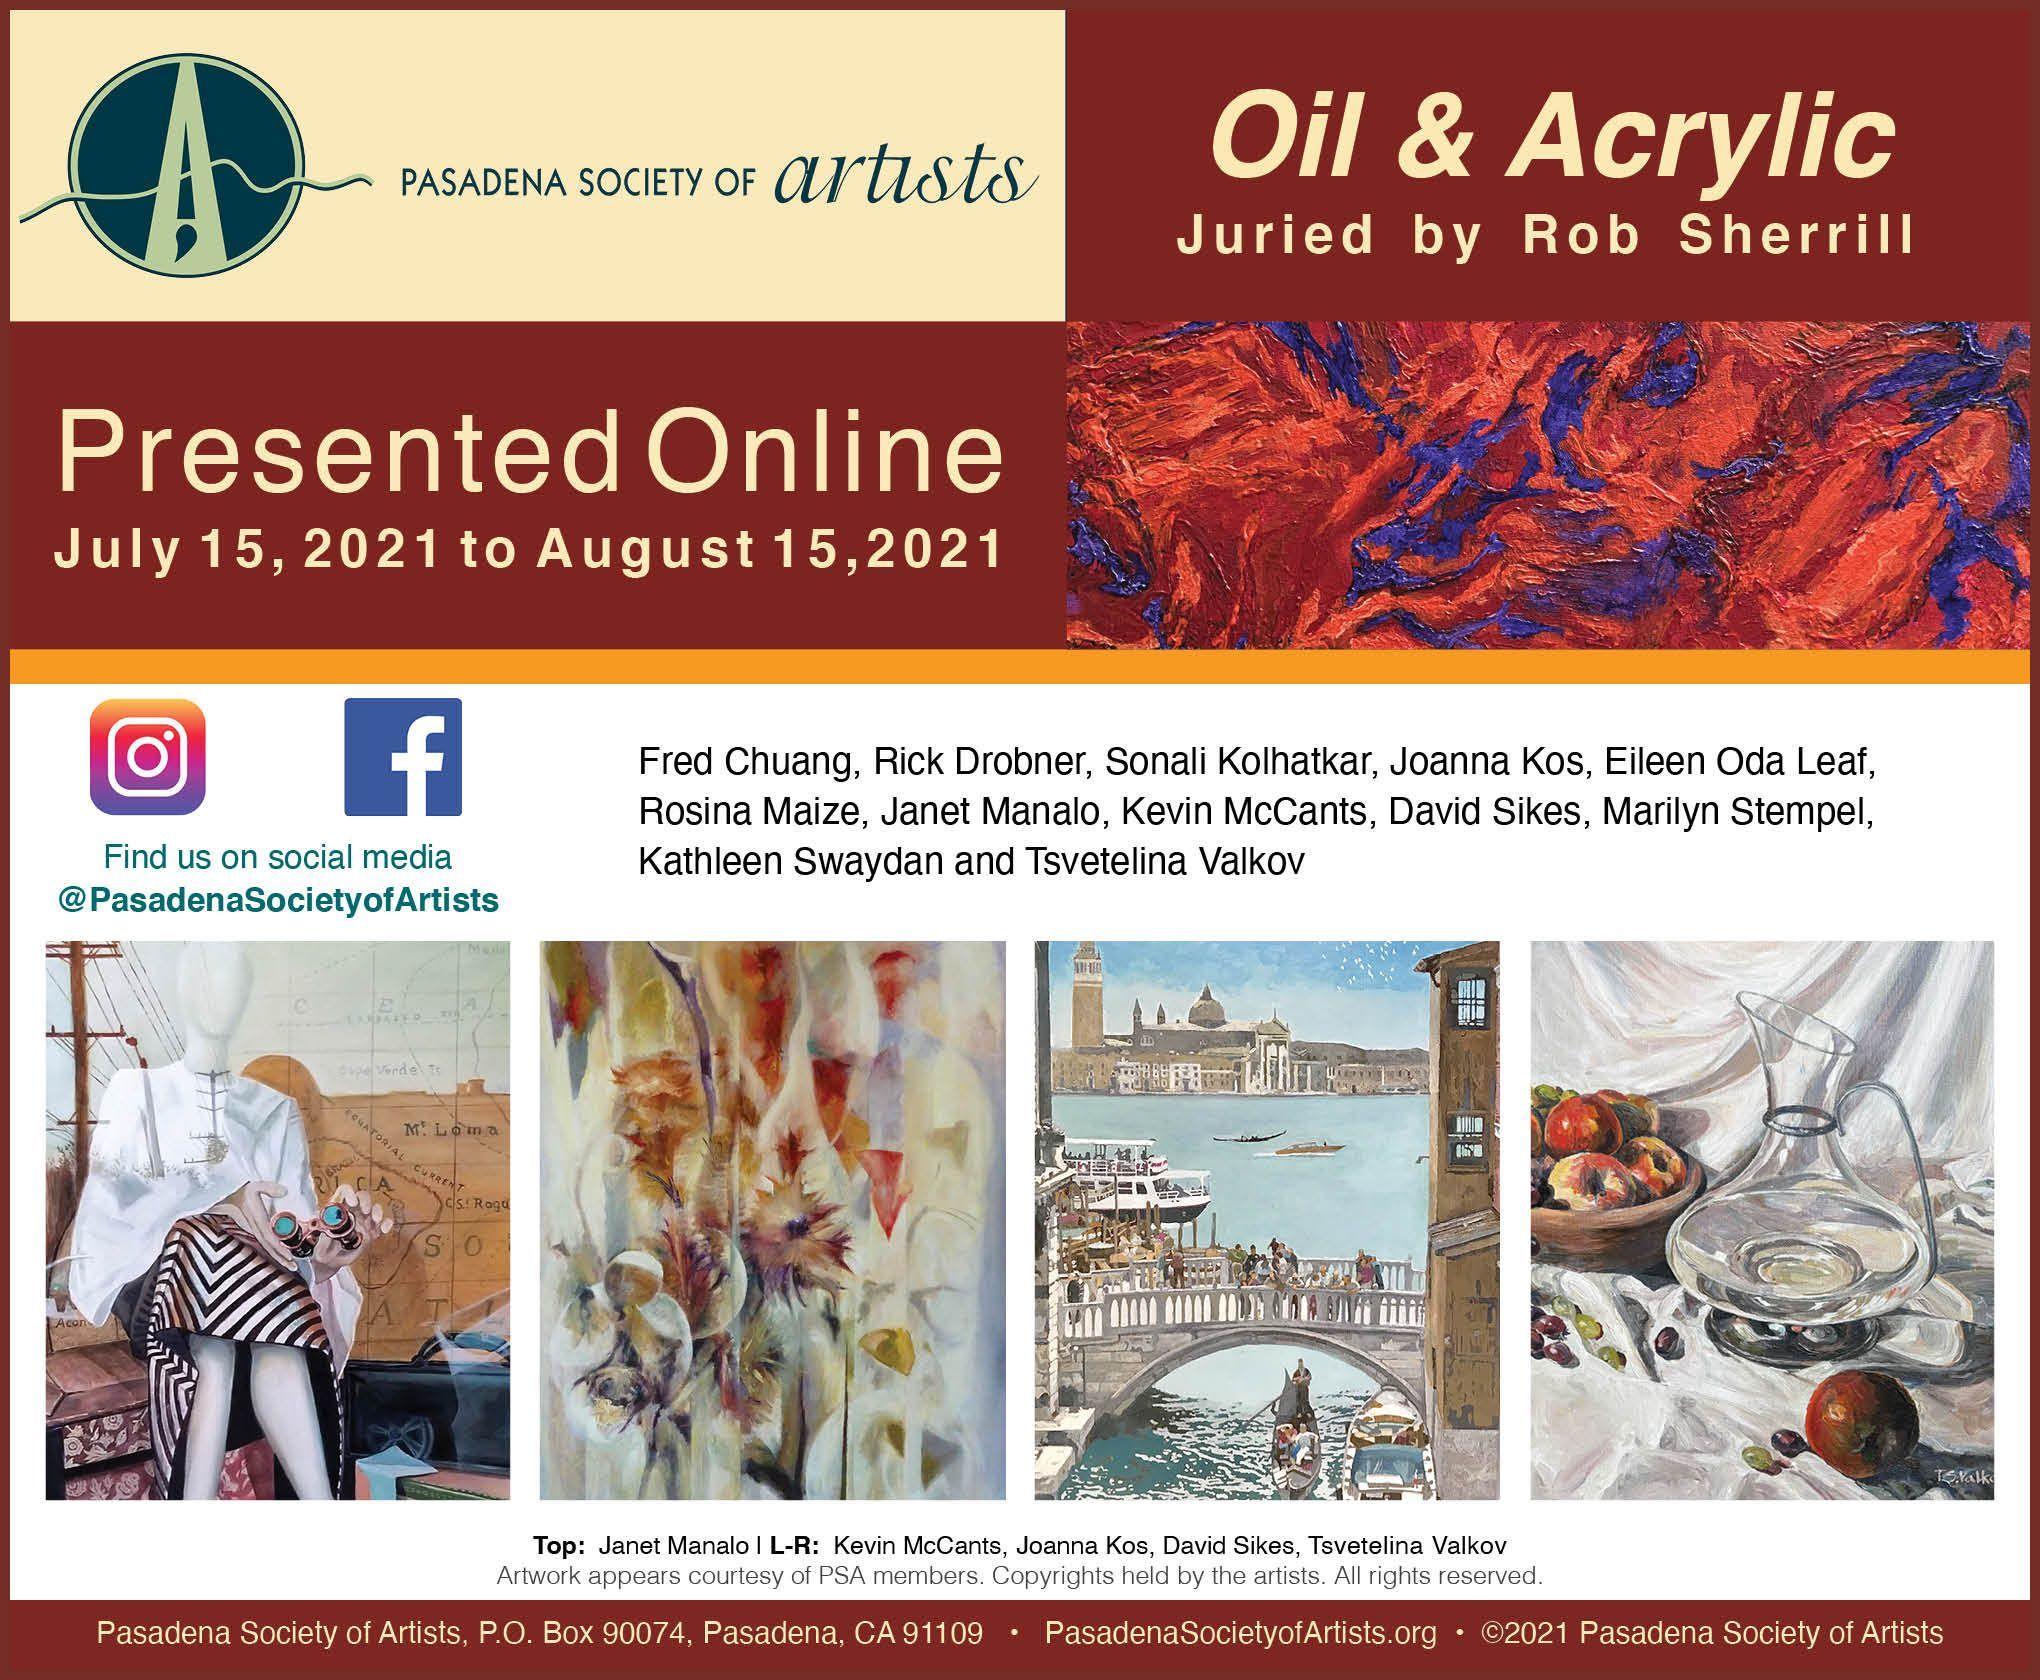 2021 Oil & Acrylic